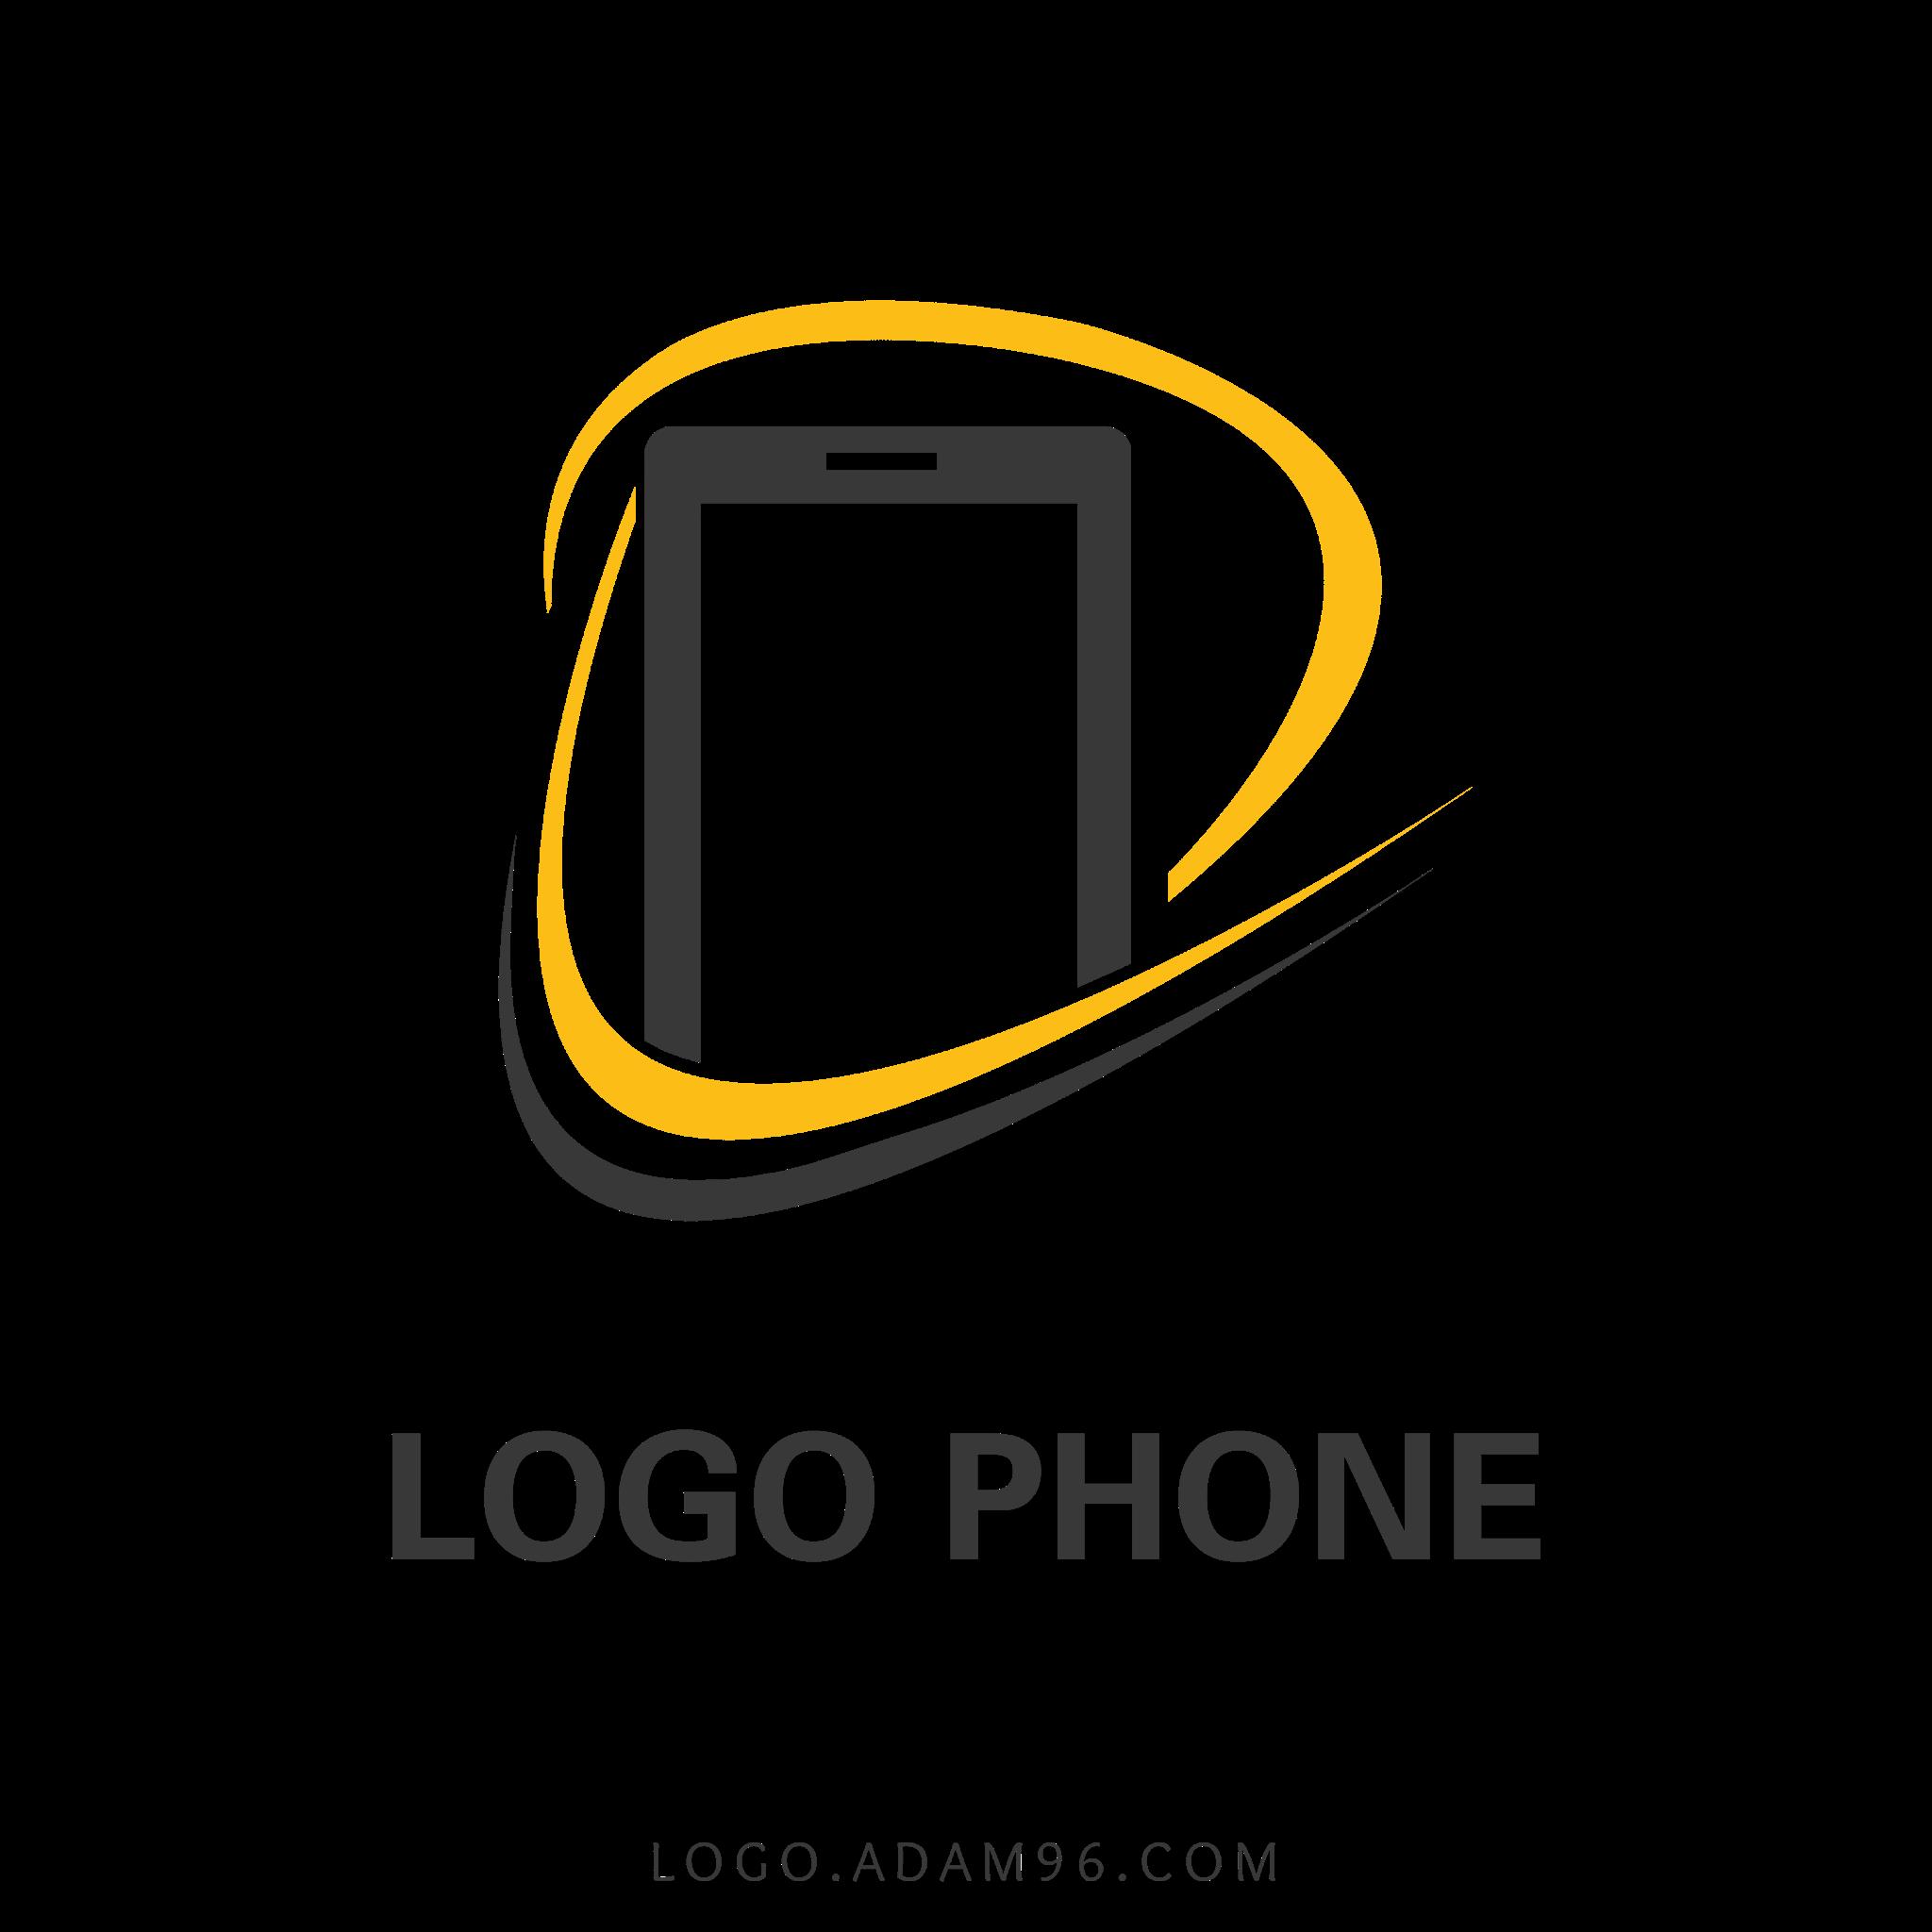 تحميل شعار يصلح لشركة متاجر الهواتف لوجو بدون حقوق بصيغة PSD